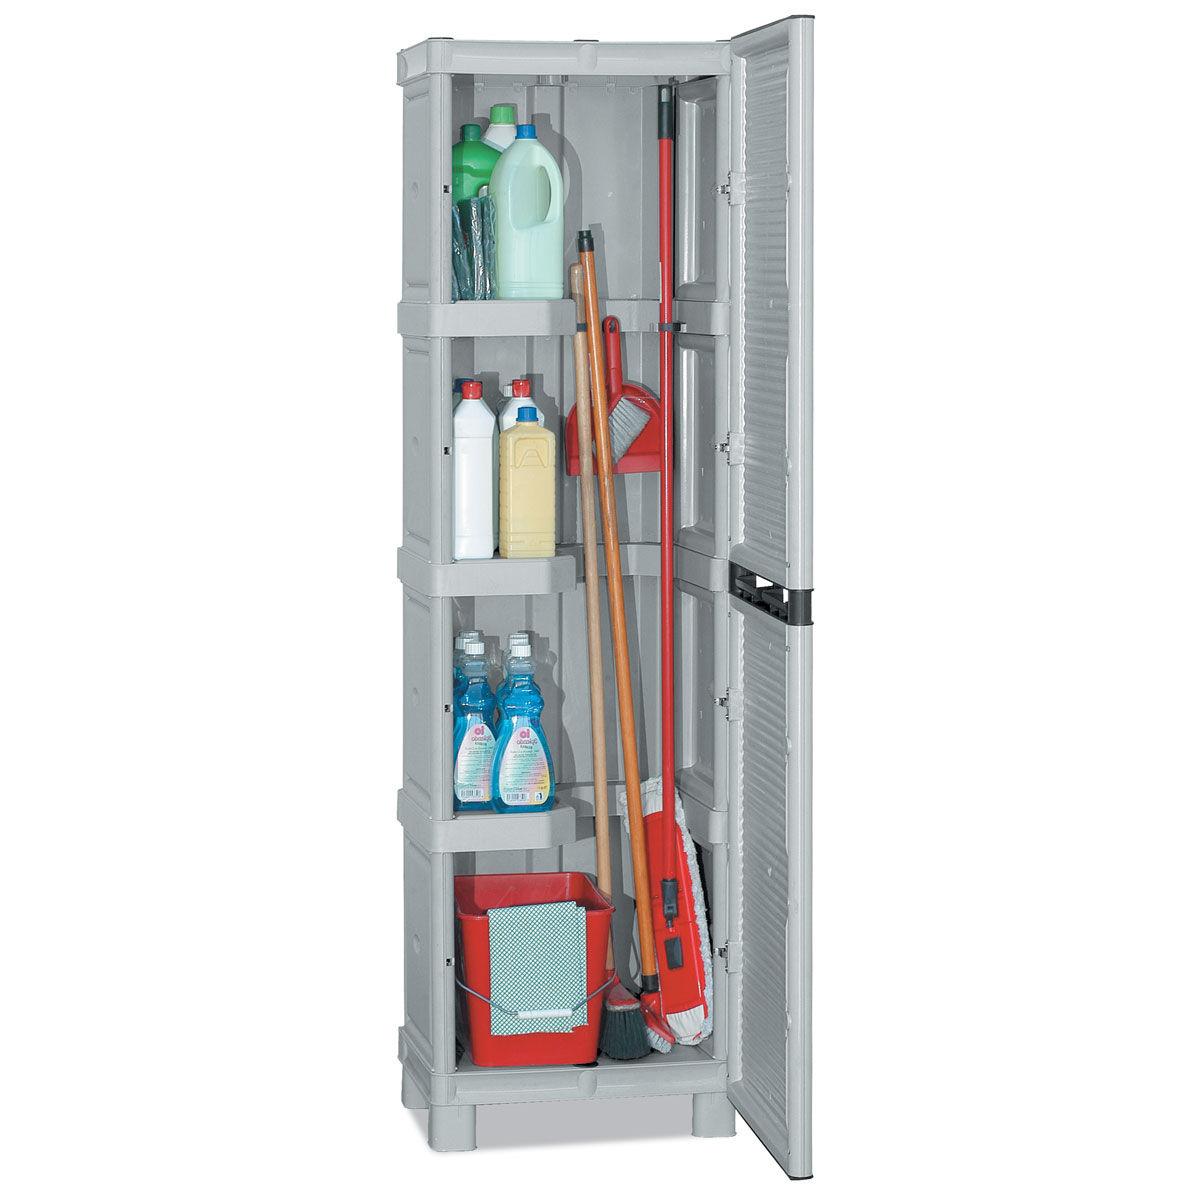 Armarios escoberos de resina top armarios escoberos de resina with armarios escoberos de resina - Armarios pvc carrefour ...